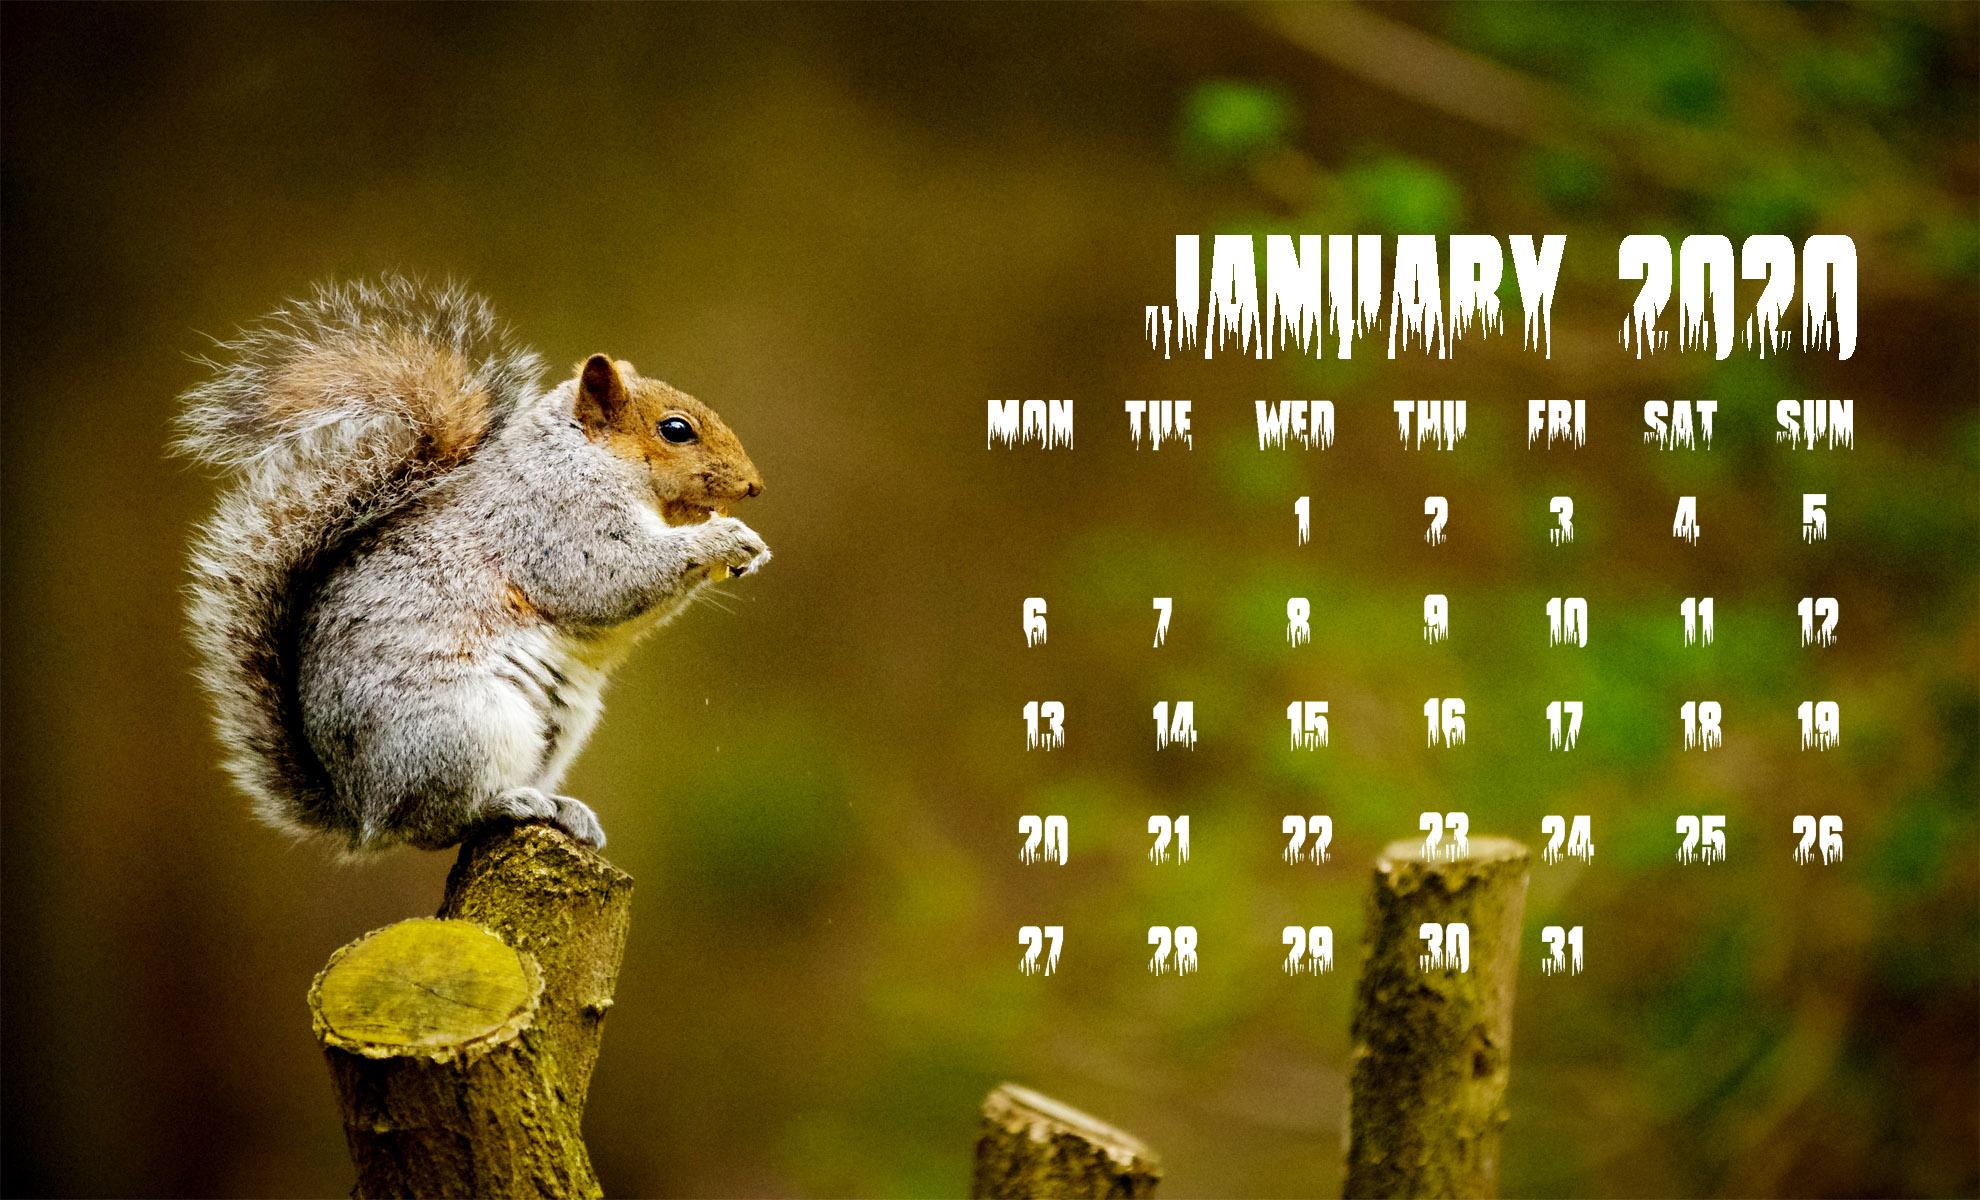 January 2020 Calendar Screensavers